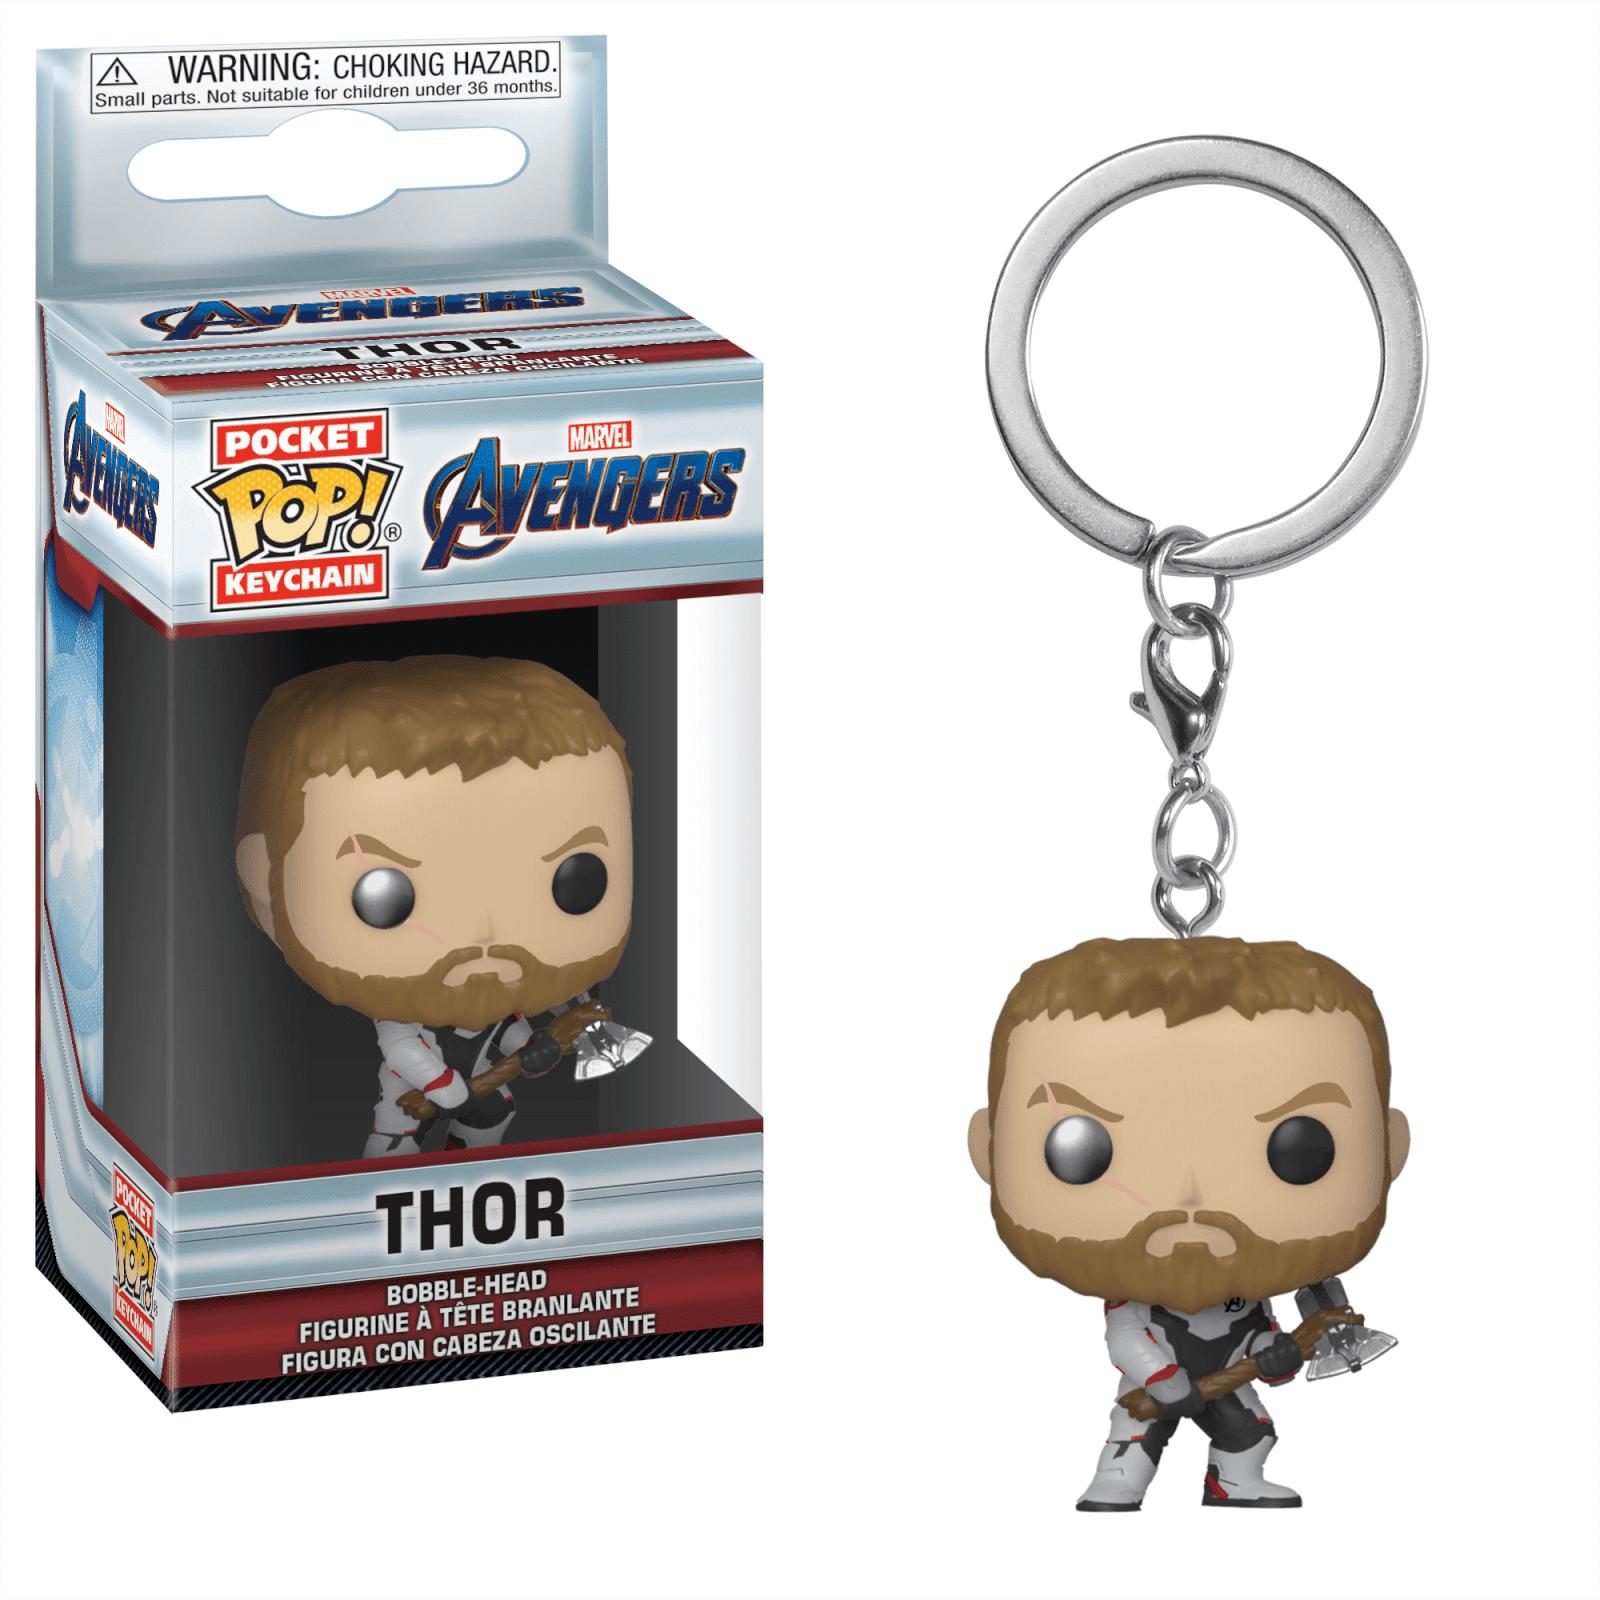 Pop! Keychain Porte Clé Pop! Keychain Marvel Avengers Endgame - Thor